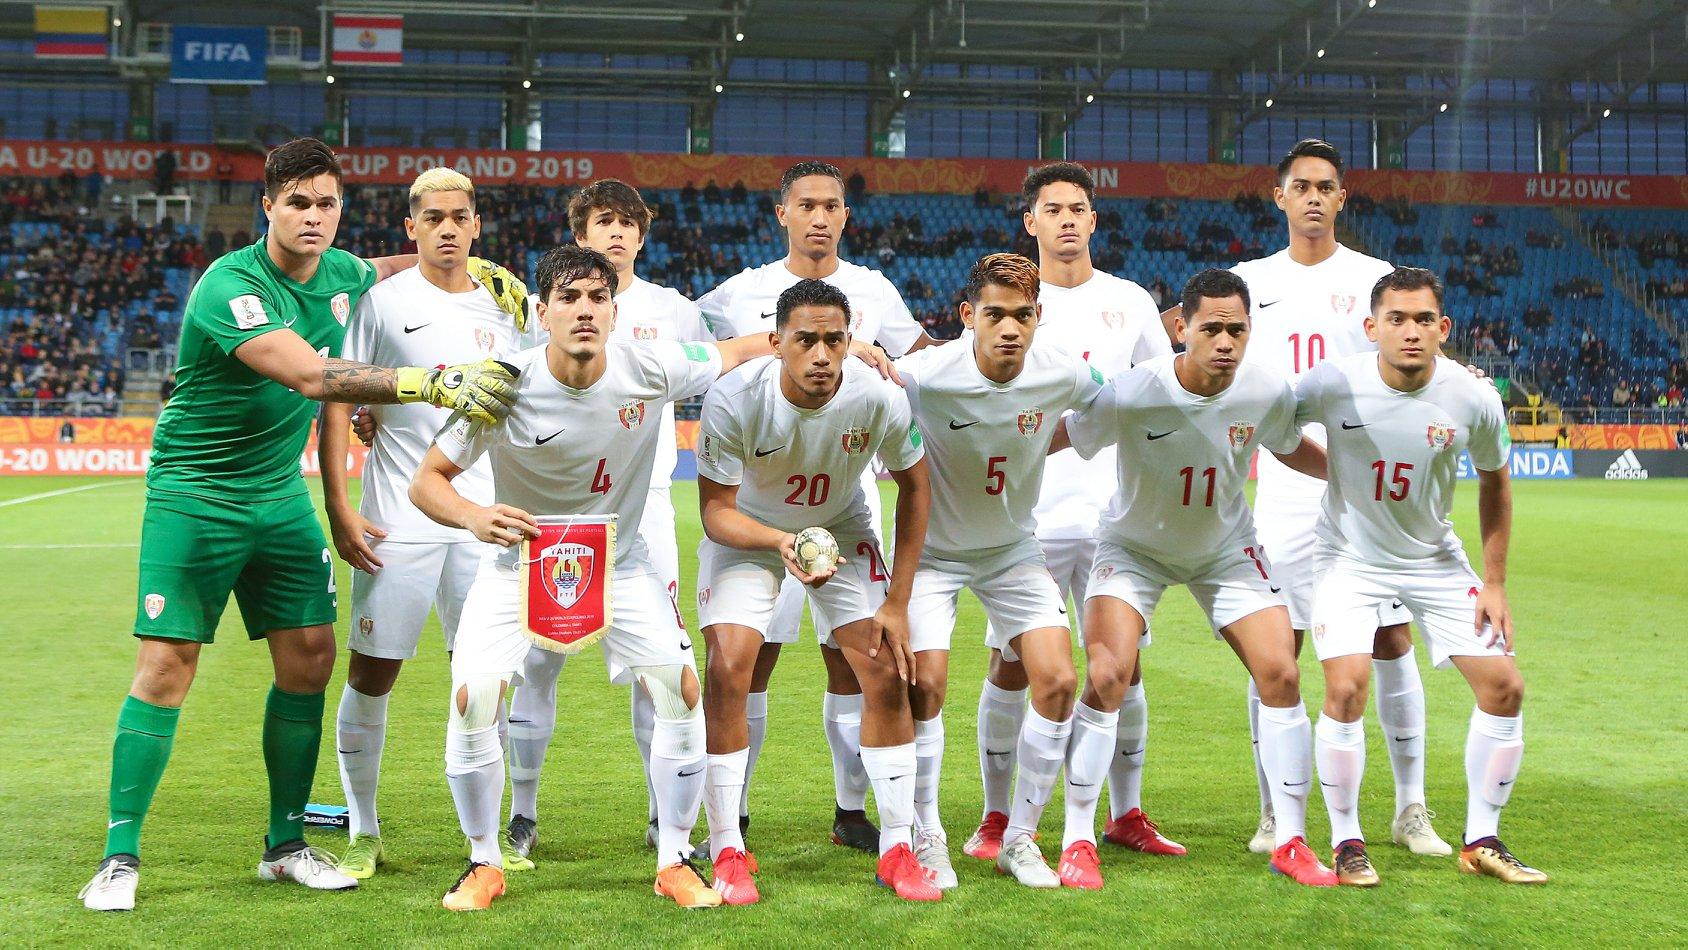 La sélection de Tahiti U20 n'a pas démérité malgré une nouvelle défaite sévère contre la Colombie